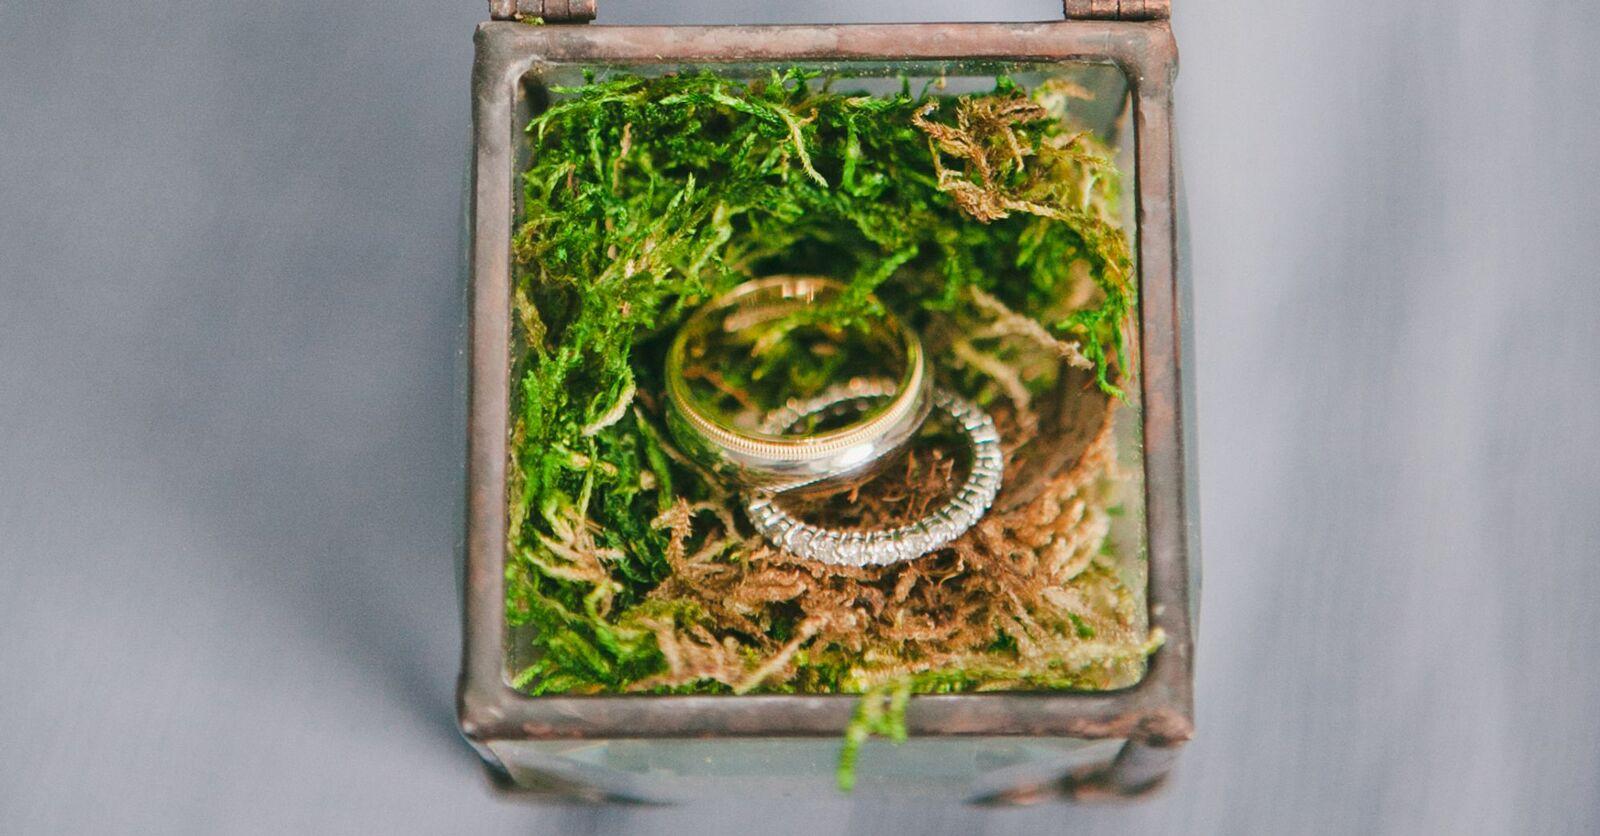 Geometric Ring Bearer Customized Ring Holder Boho Ring Box Wedding Ring Box Rustic Ring Box Personalized Rustic Ring Box Wooden Box